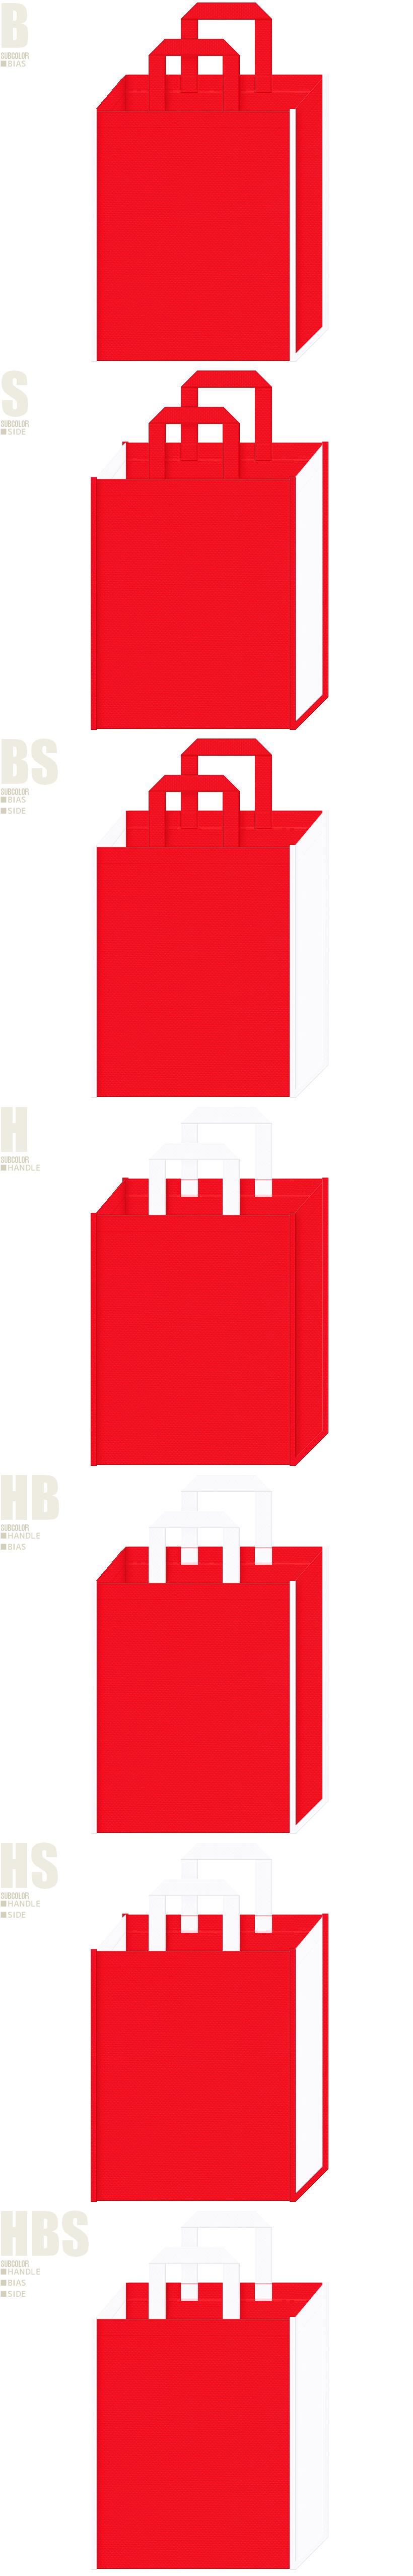 クリスマスのショッピングバッグにお奨めの、赤色と白色、7パターンの不織布トートバッグ配色デザイン例。